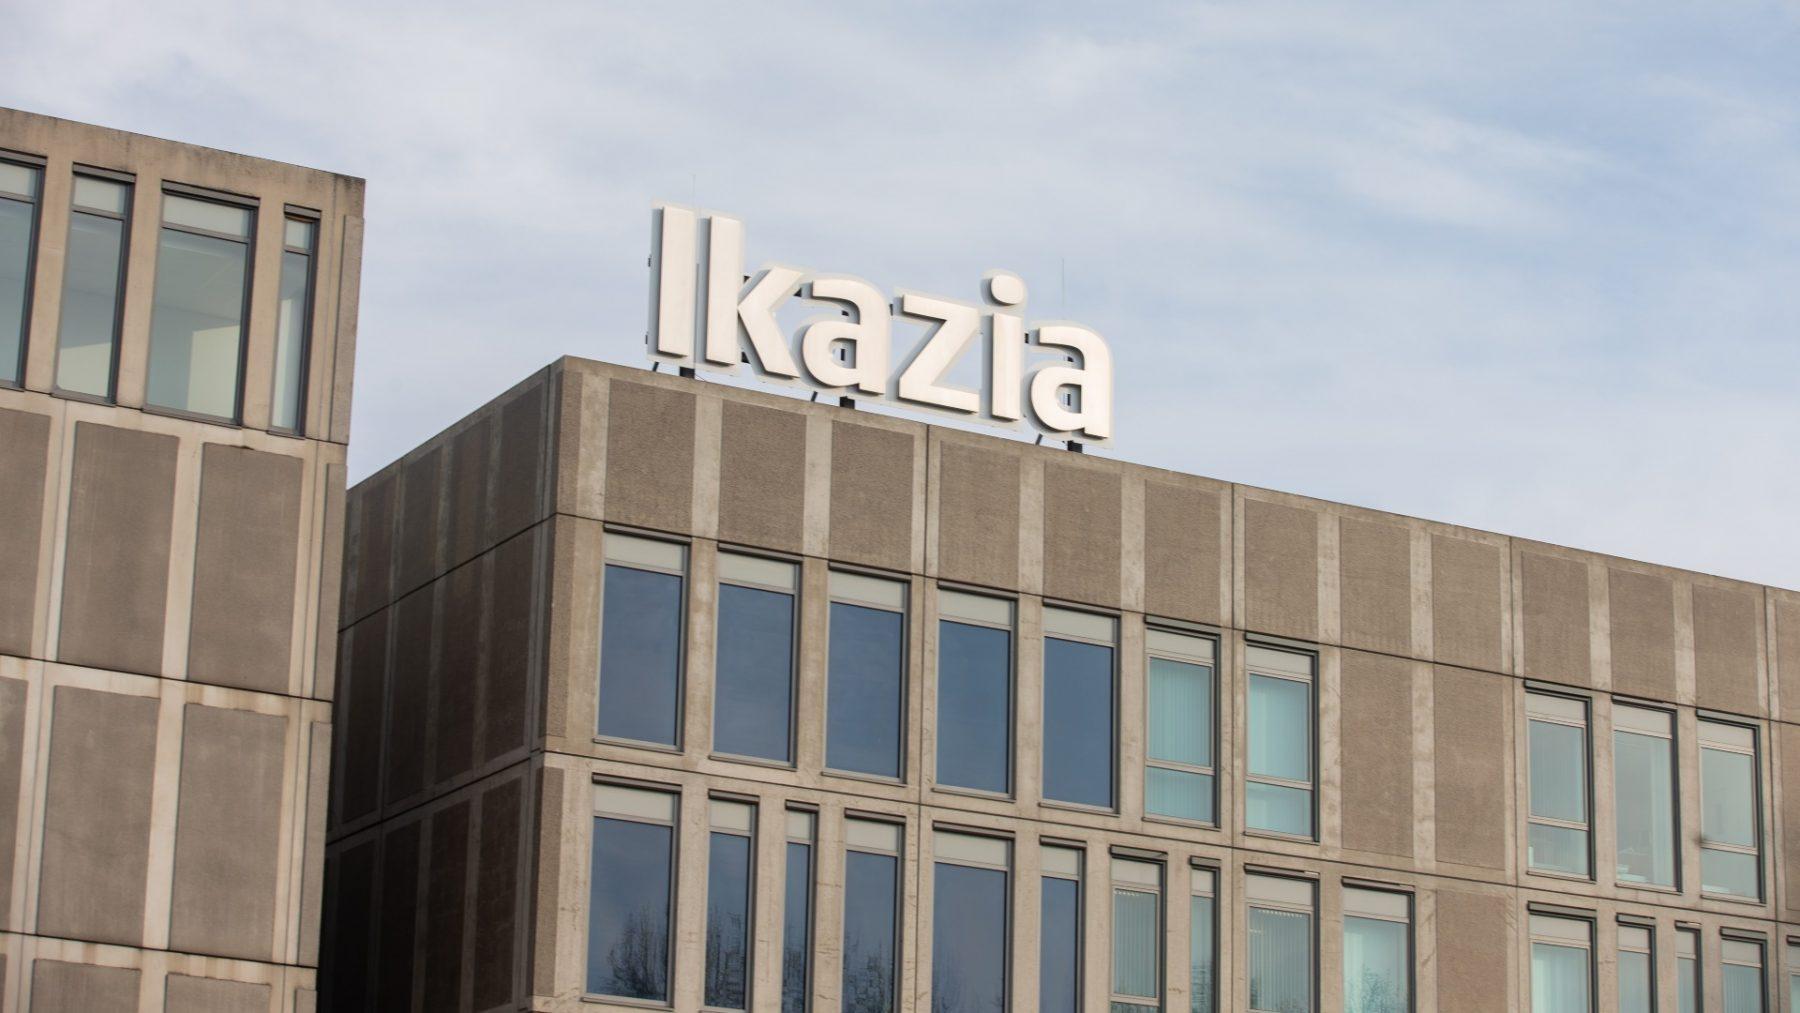 Ikazia Ziekenhuis in Rotterdam raadt bezoek af vanwege dreiging rellen